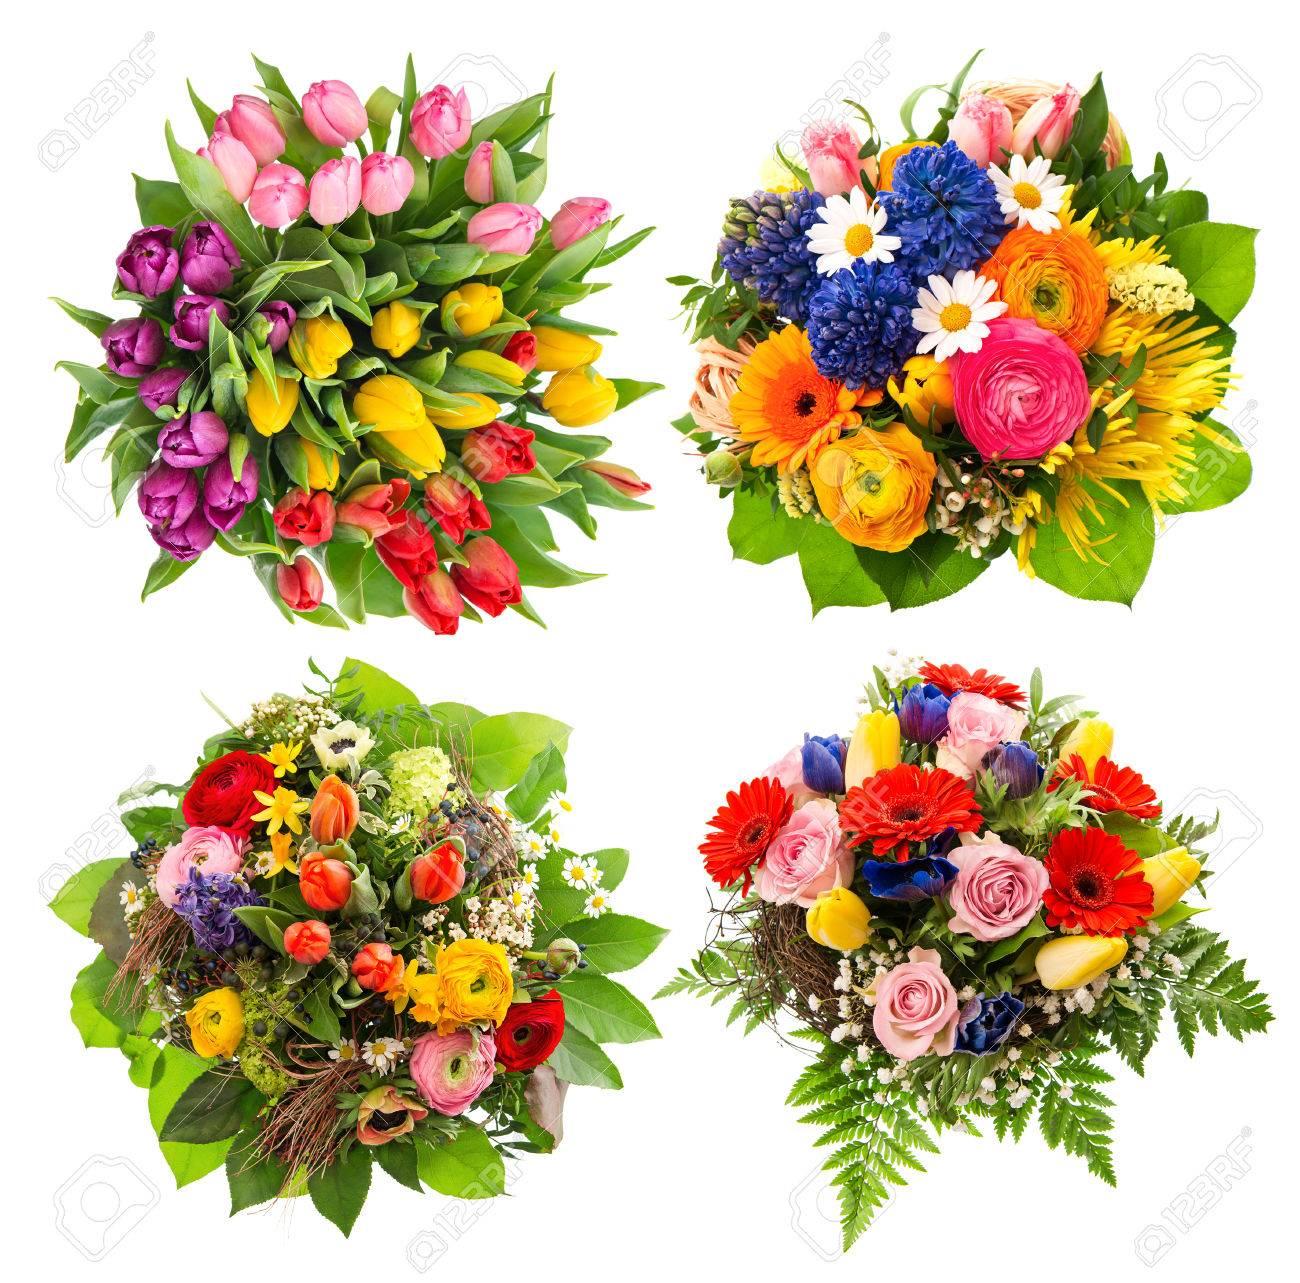 Vue De Dessus De Quatre Bouquets De Fleurs Colorées Pour Anniversaire Mariage Fête Des Mères Des Arrangements Multicolores De Pâques